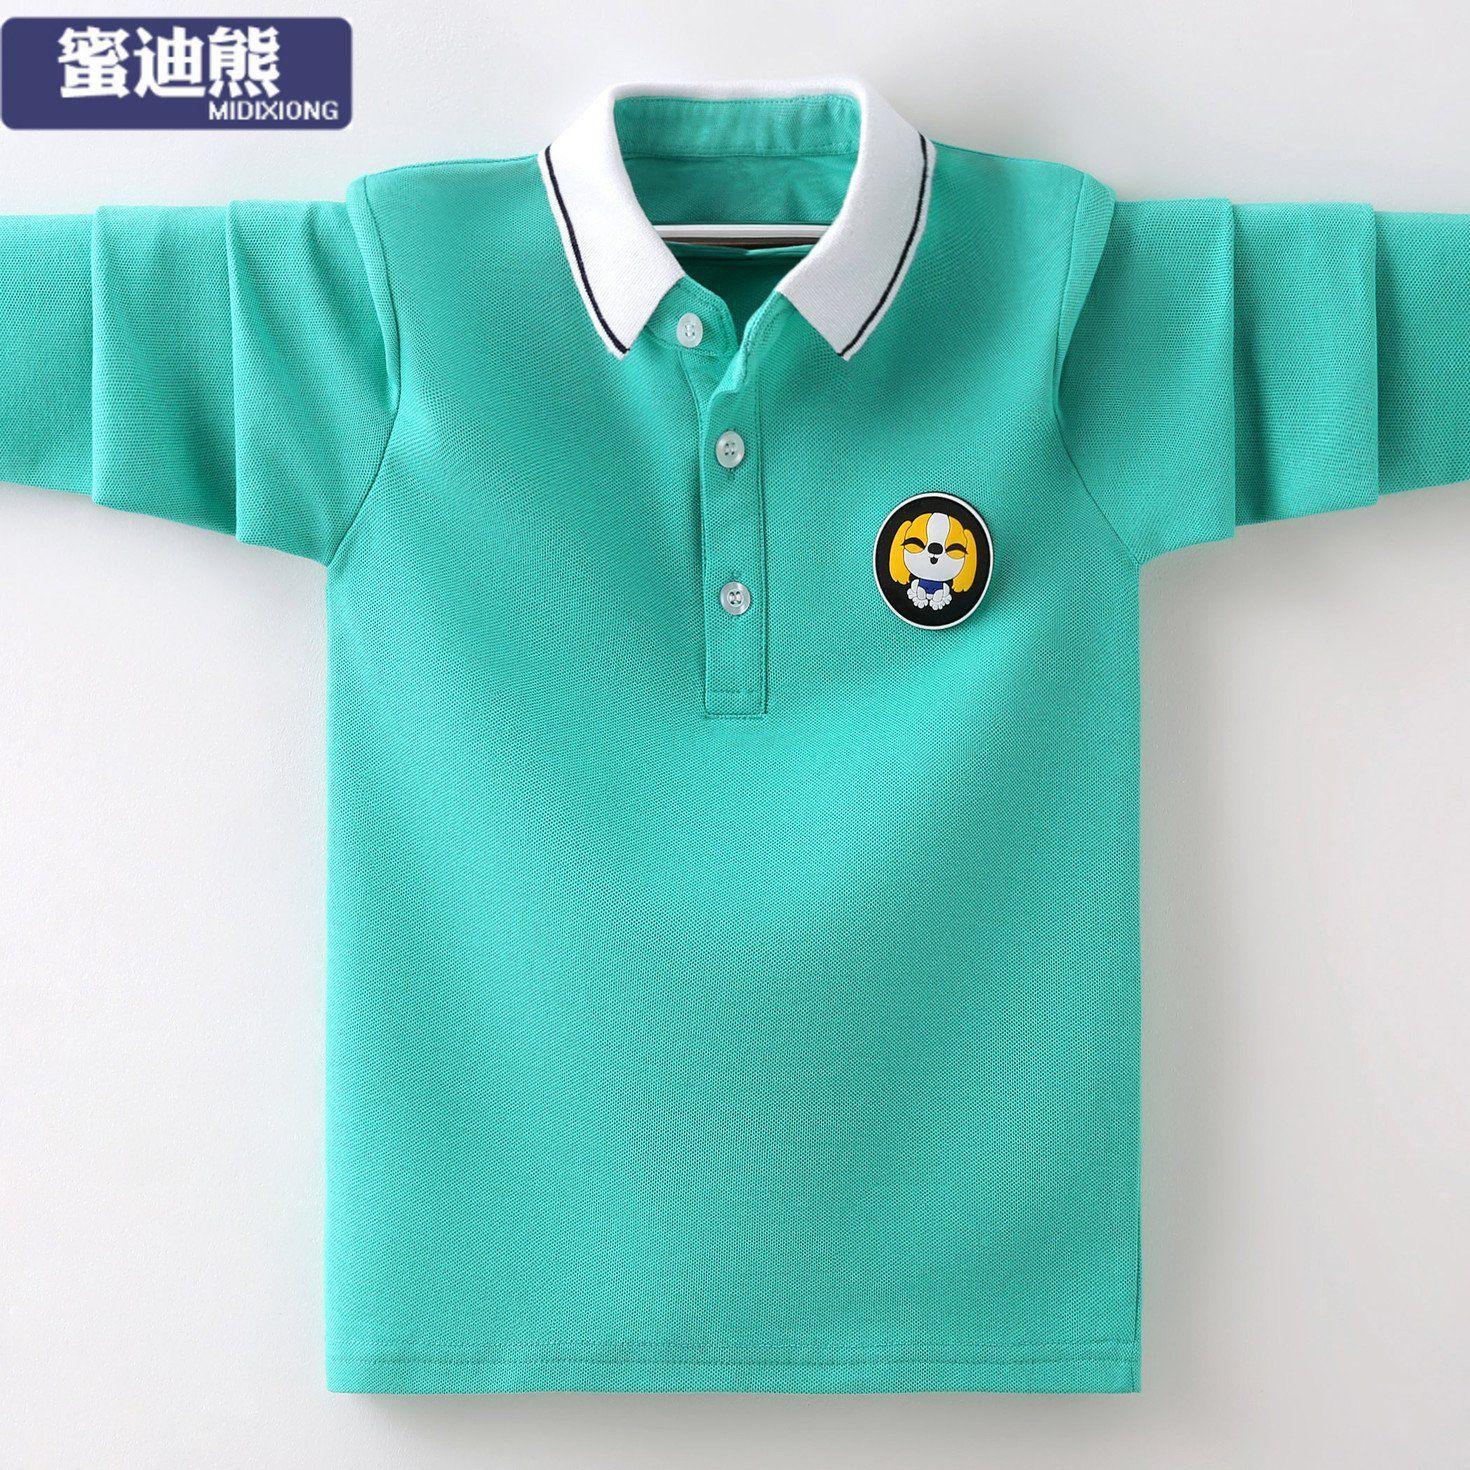 男童长袖T恤中大童秋装男孩子上衣翻领5保罗polo衫8小学生10-15岁限2000张券